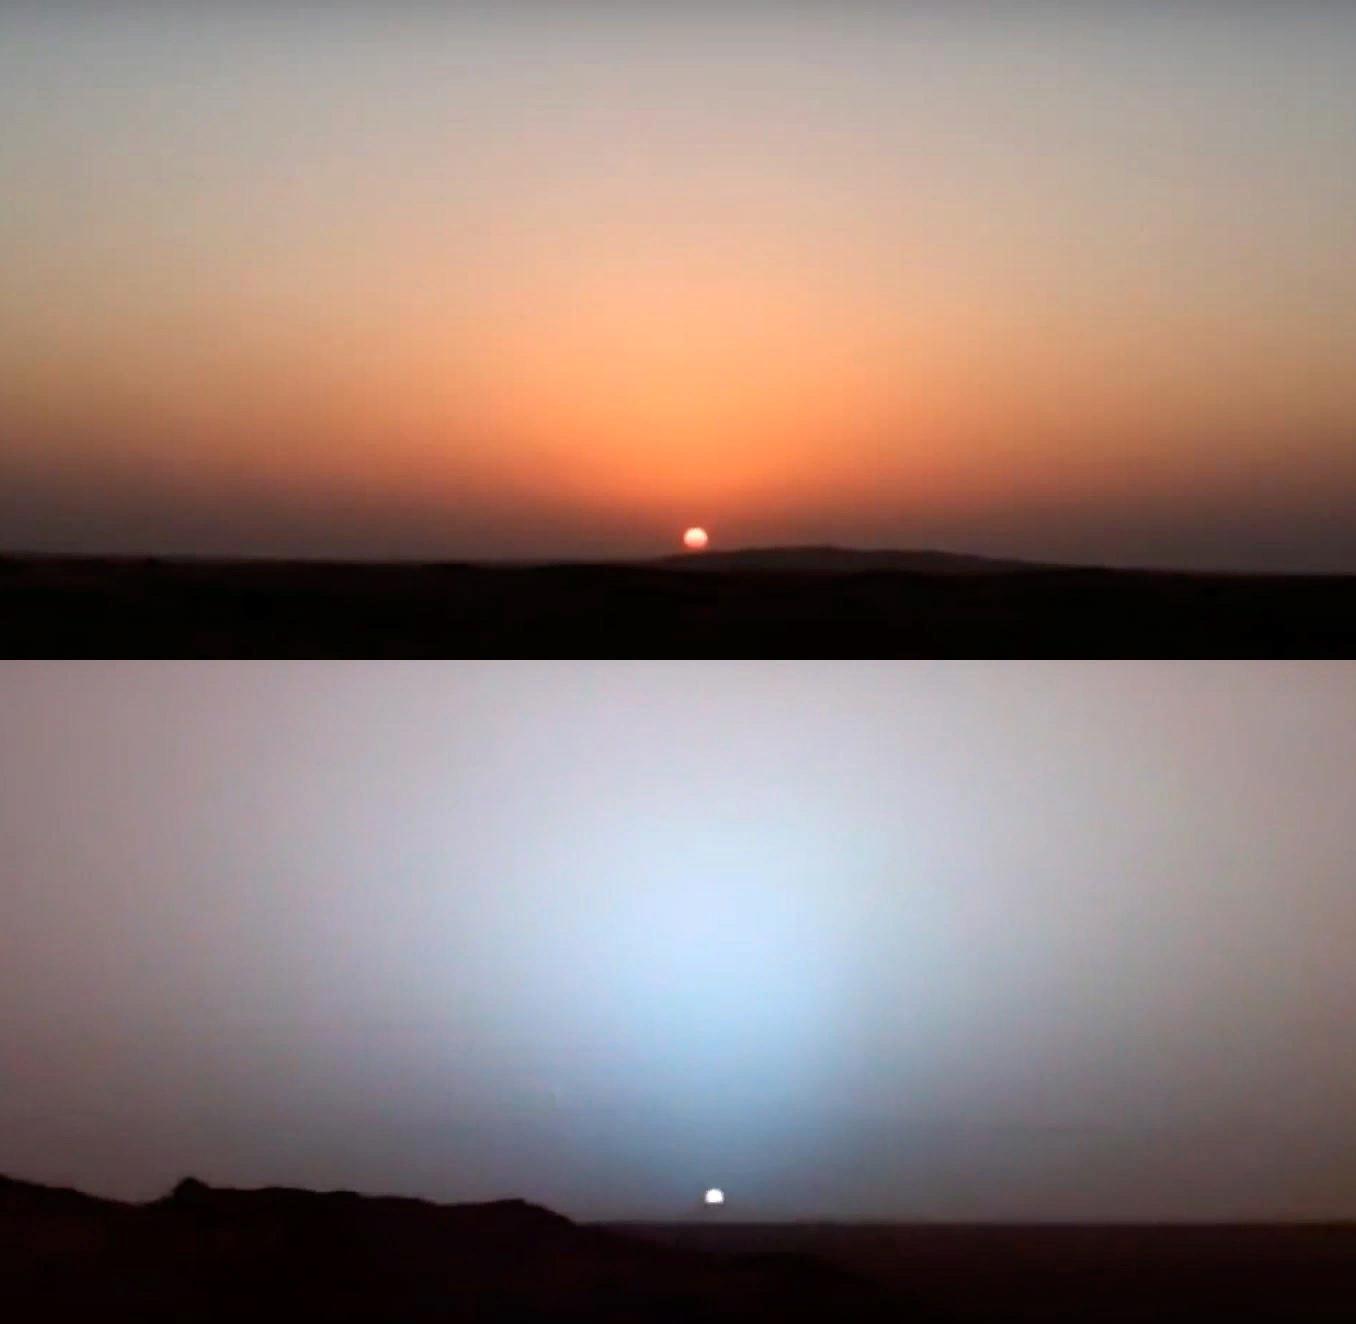 Закат на Земле (сверху) и закат на Марсе (снизу).